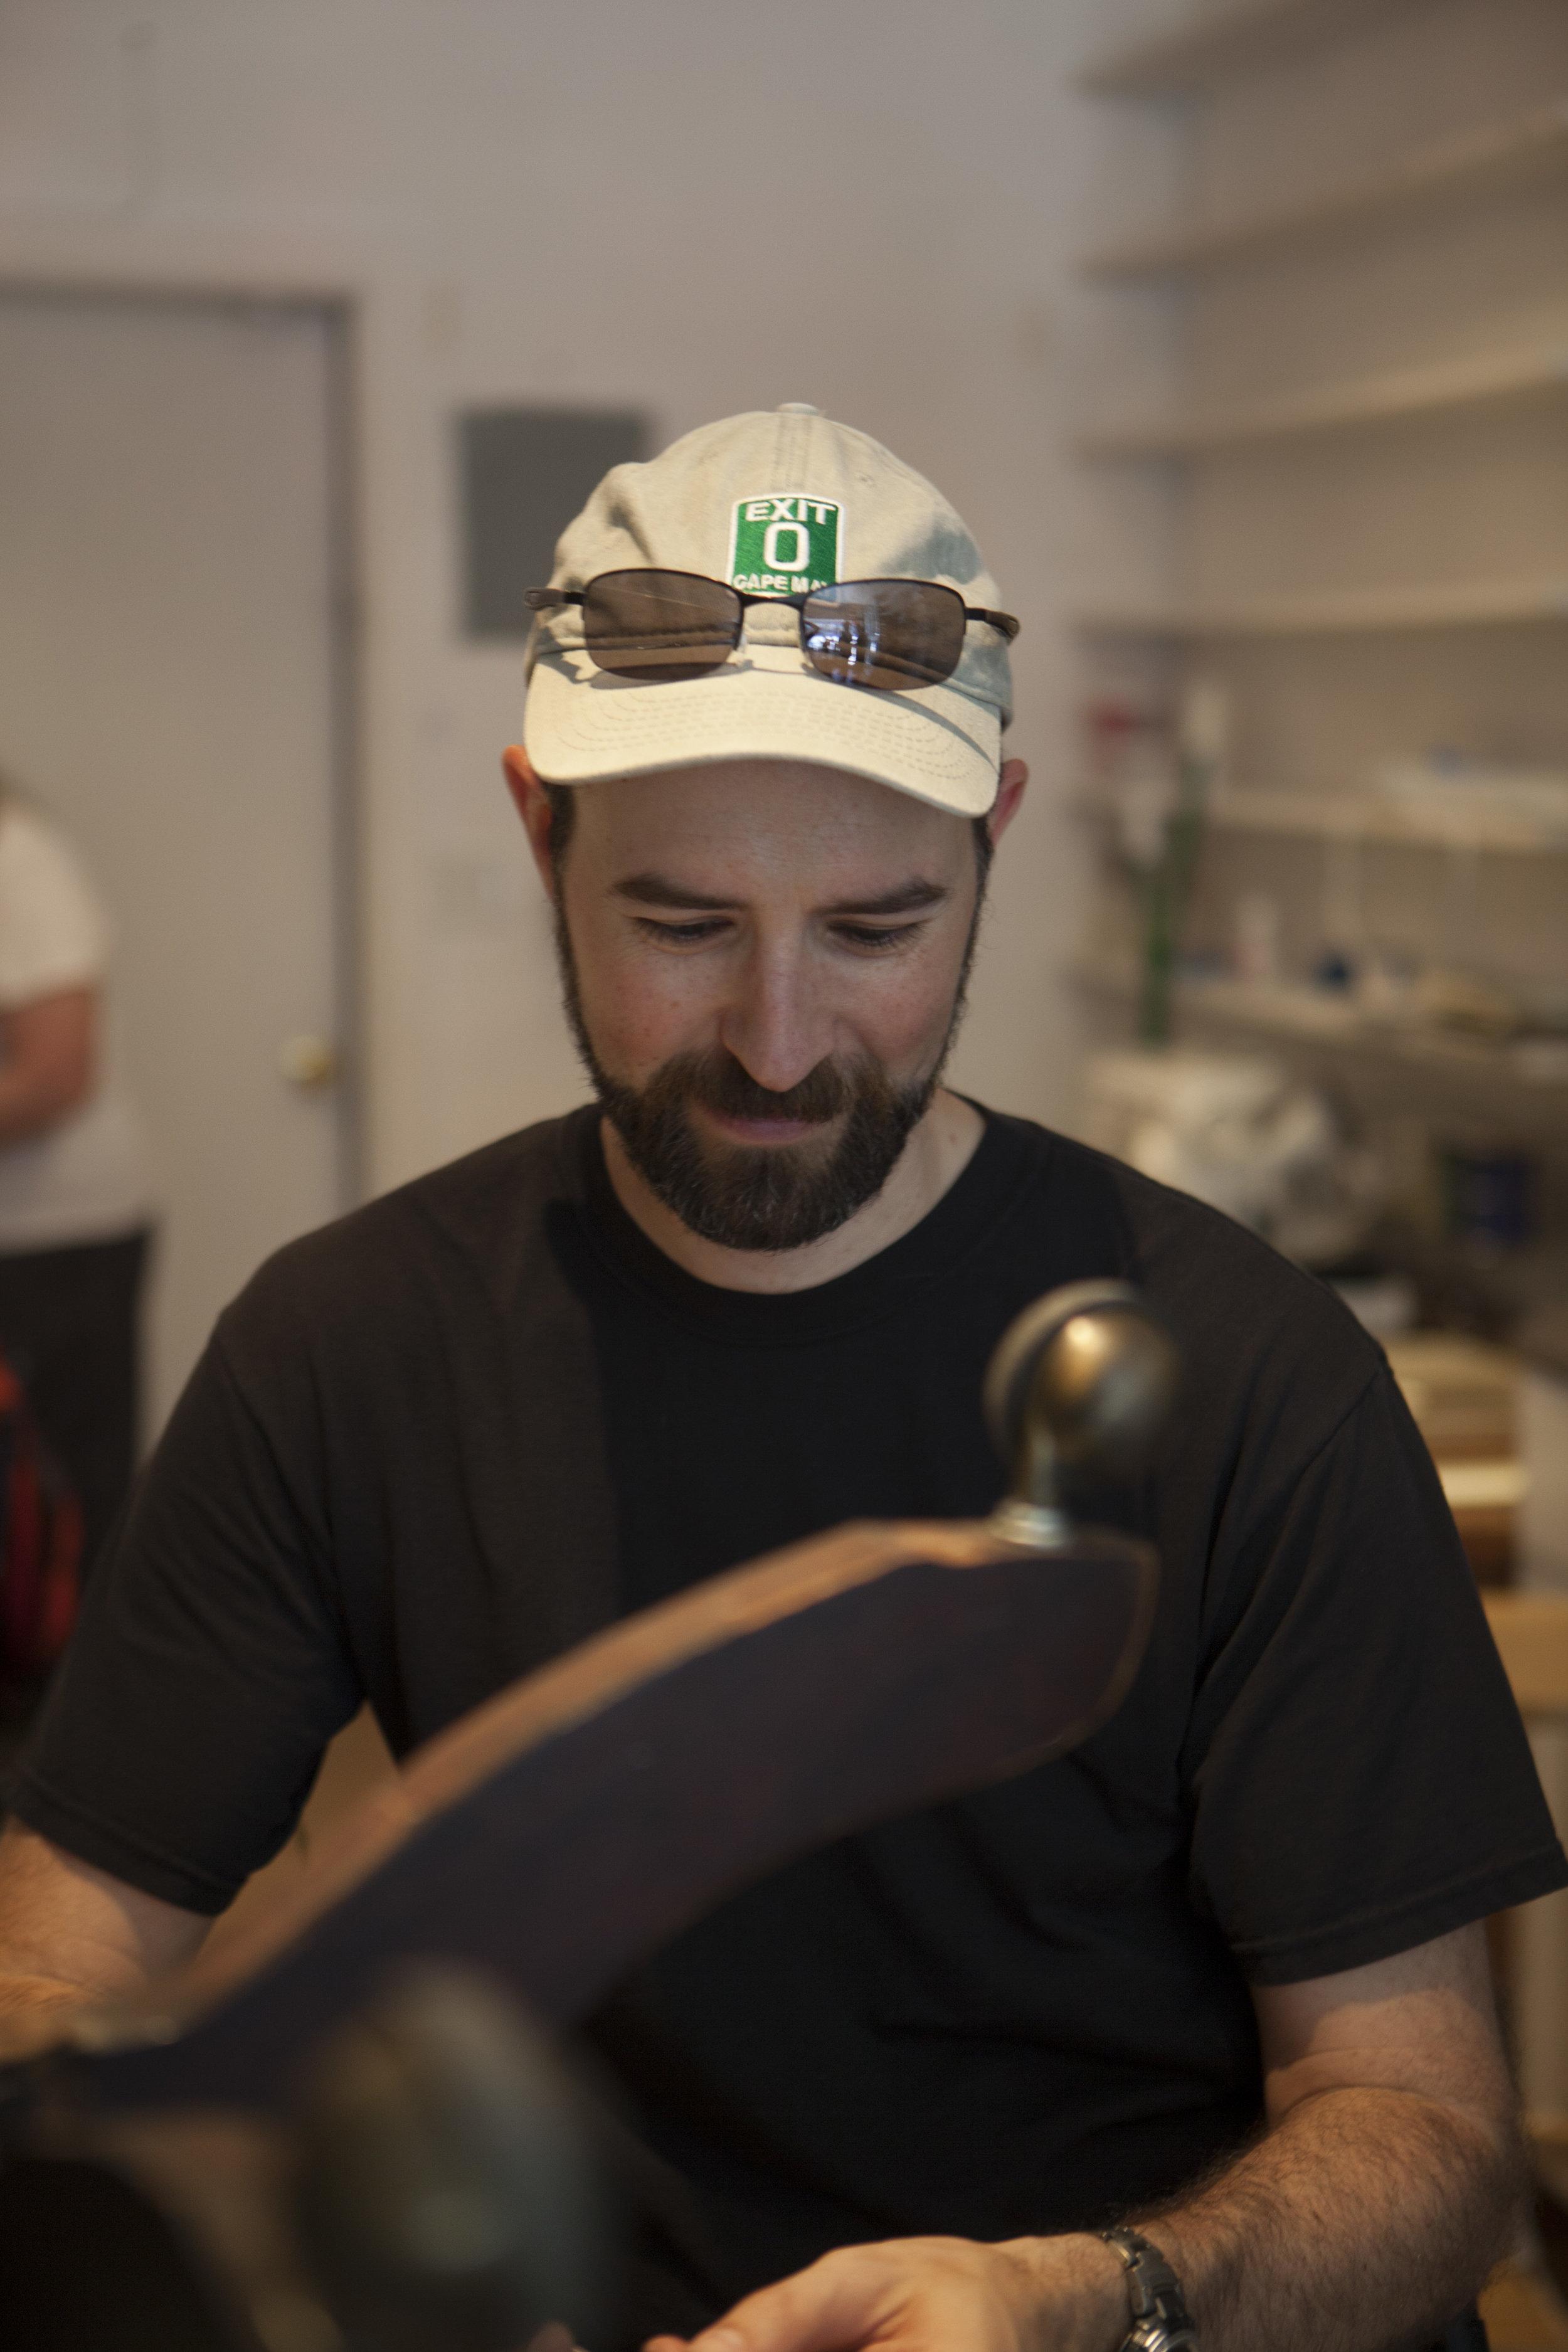 mike work smiling 2.JPG